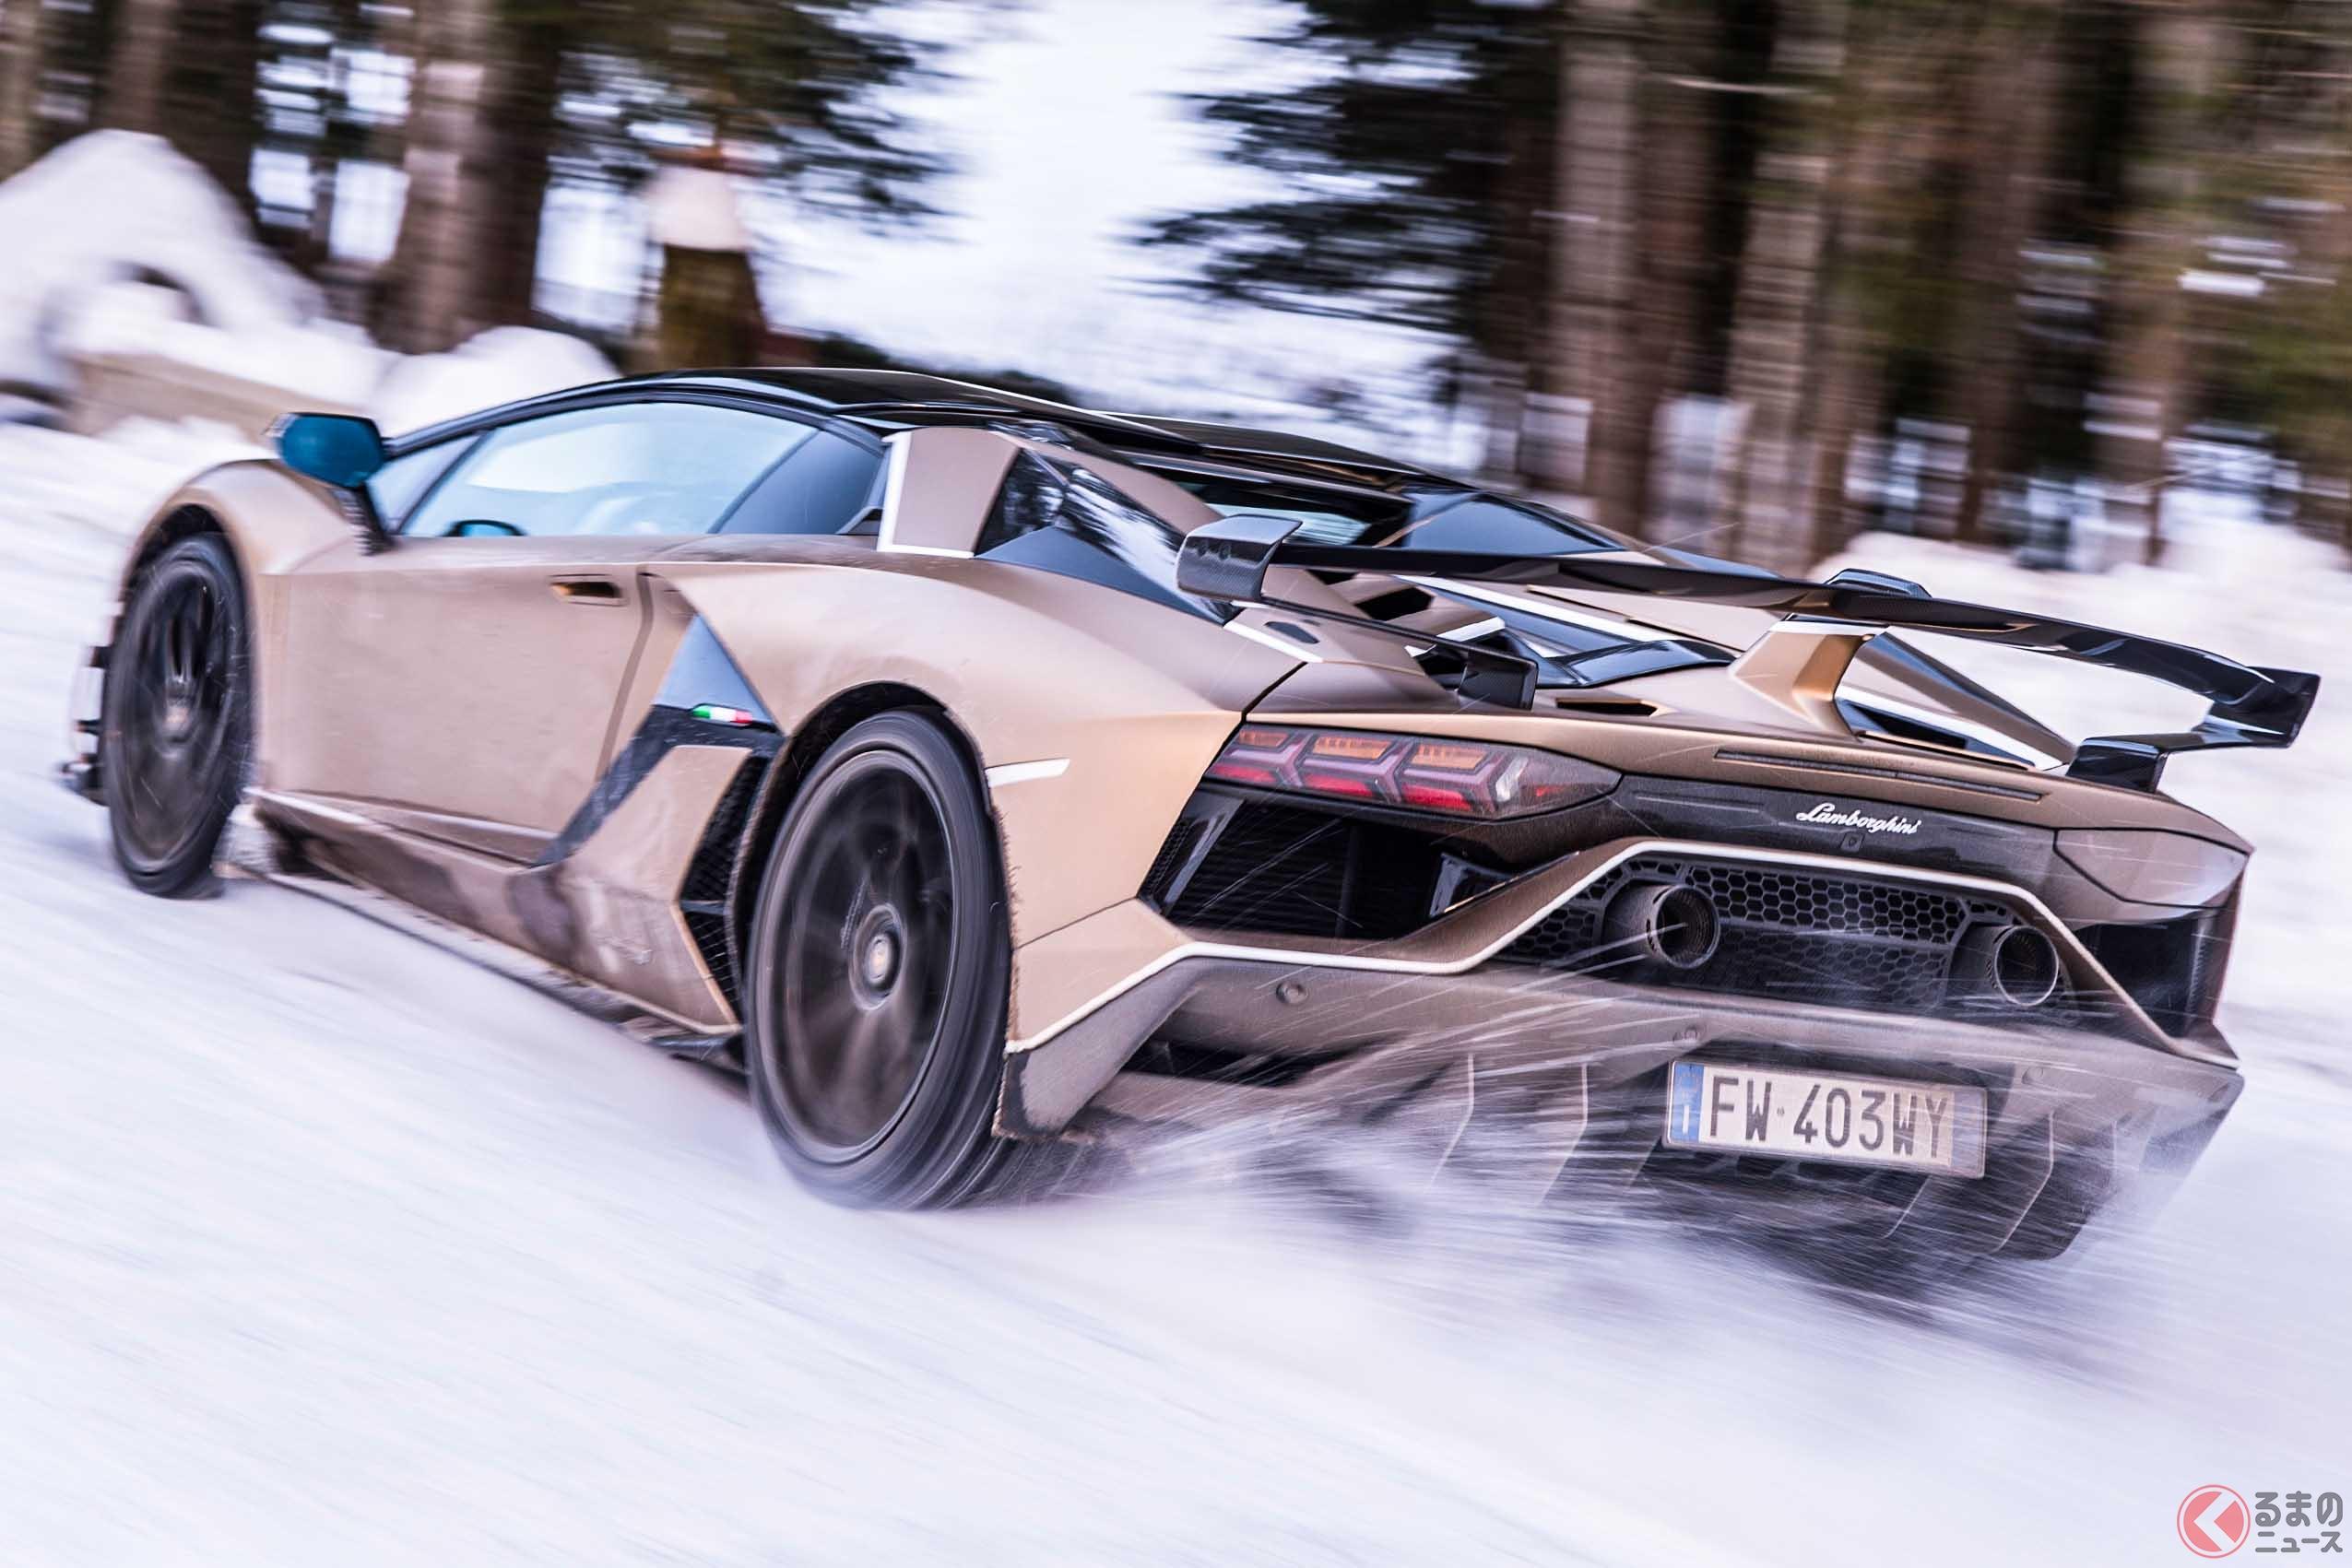 5000万円超のランボルギーニで雪道を激走!! セレブなグランドツアーで環境問題について考える!?